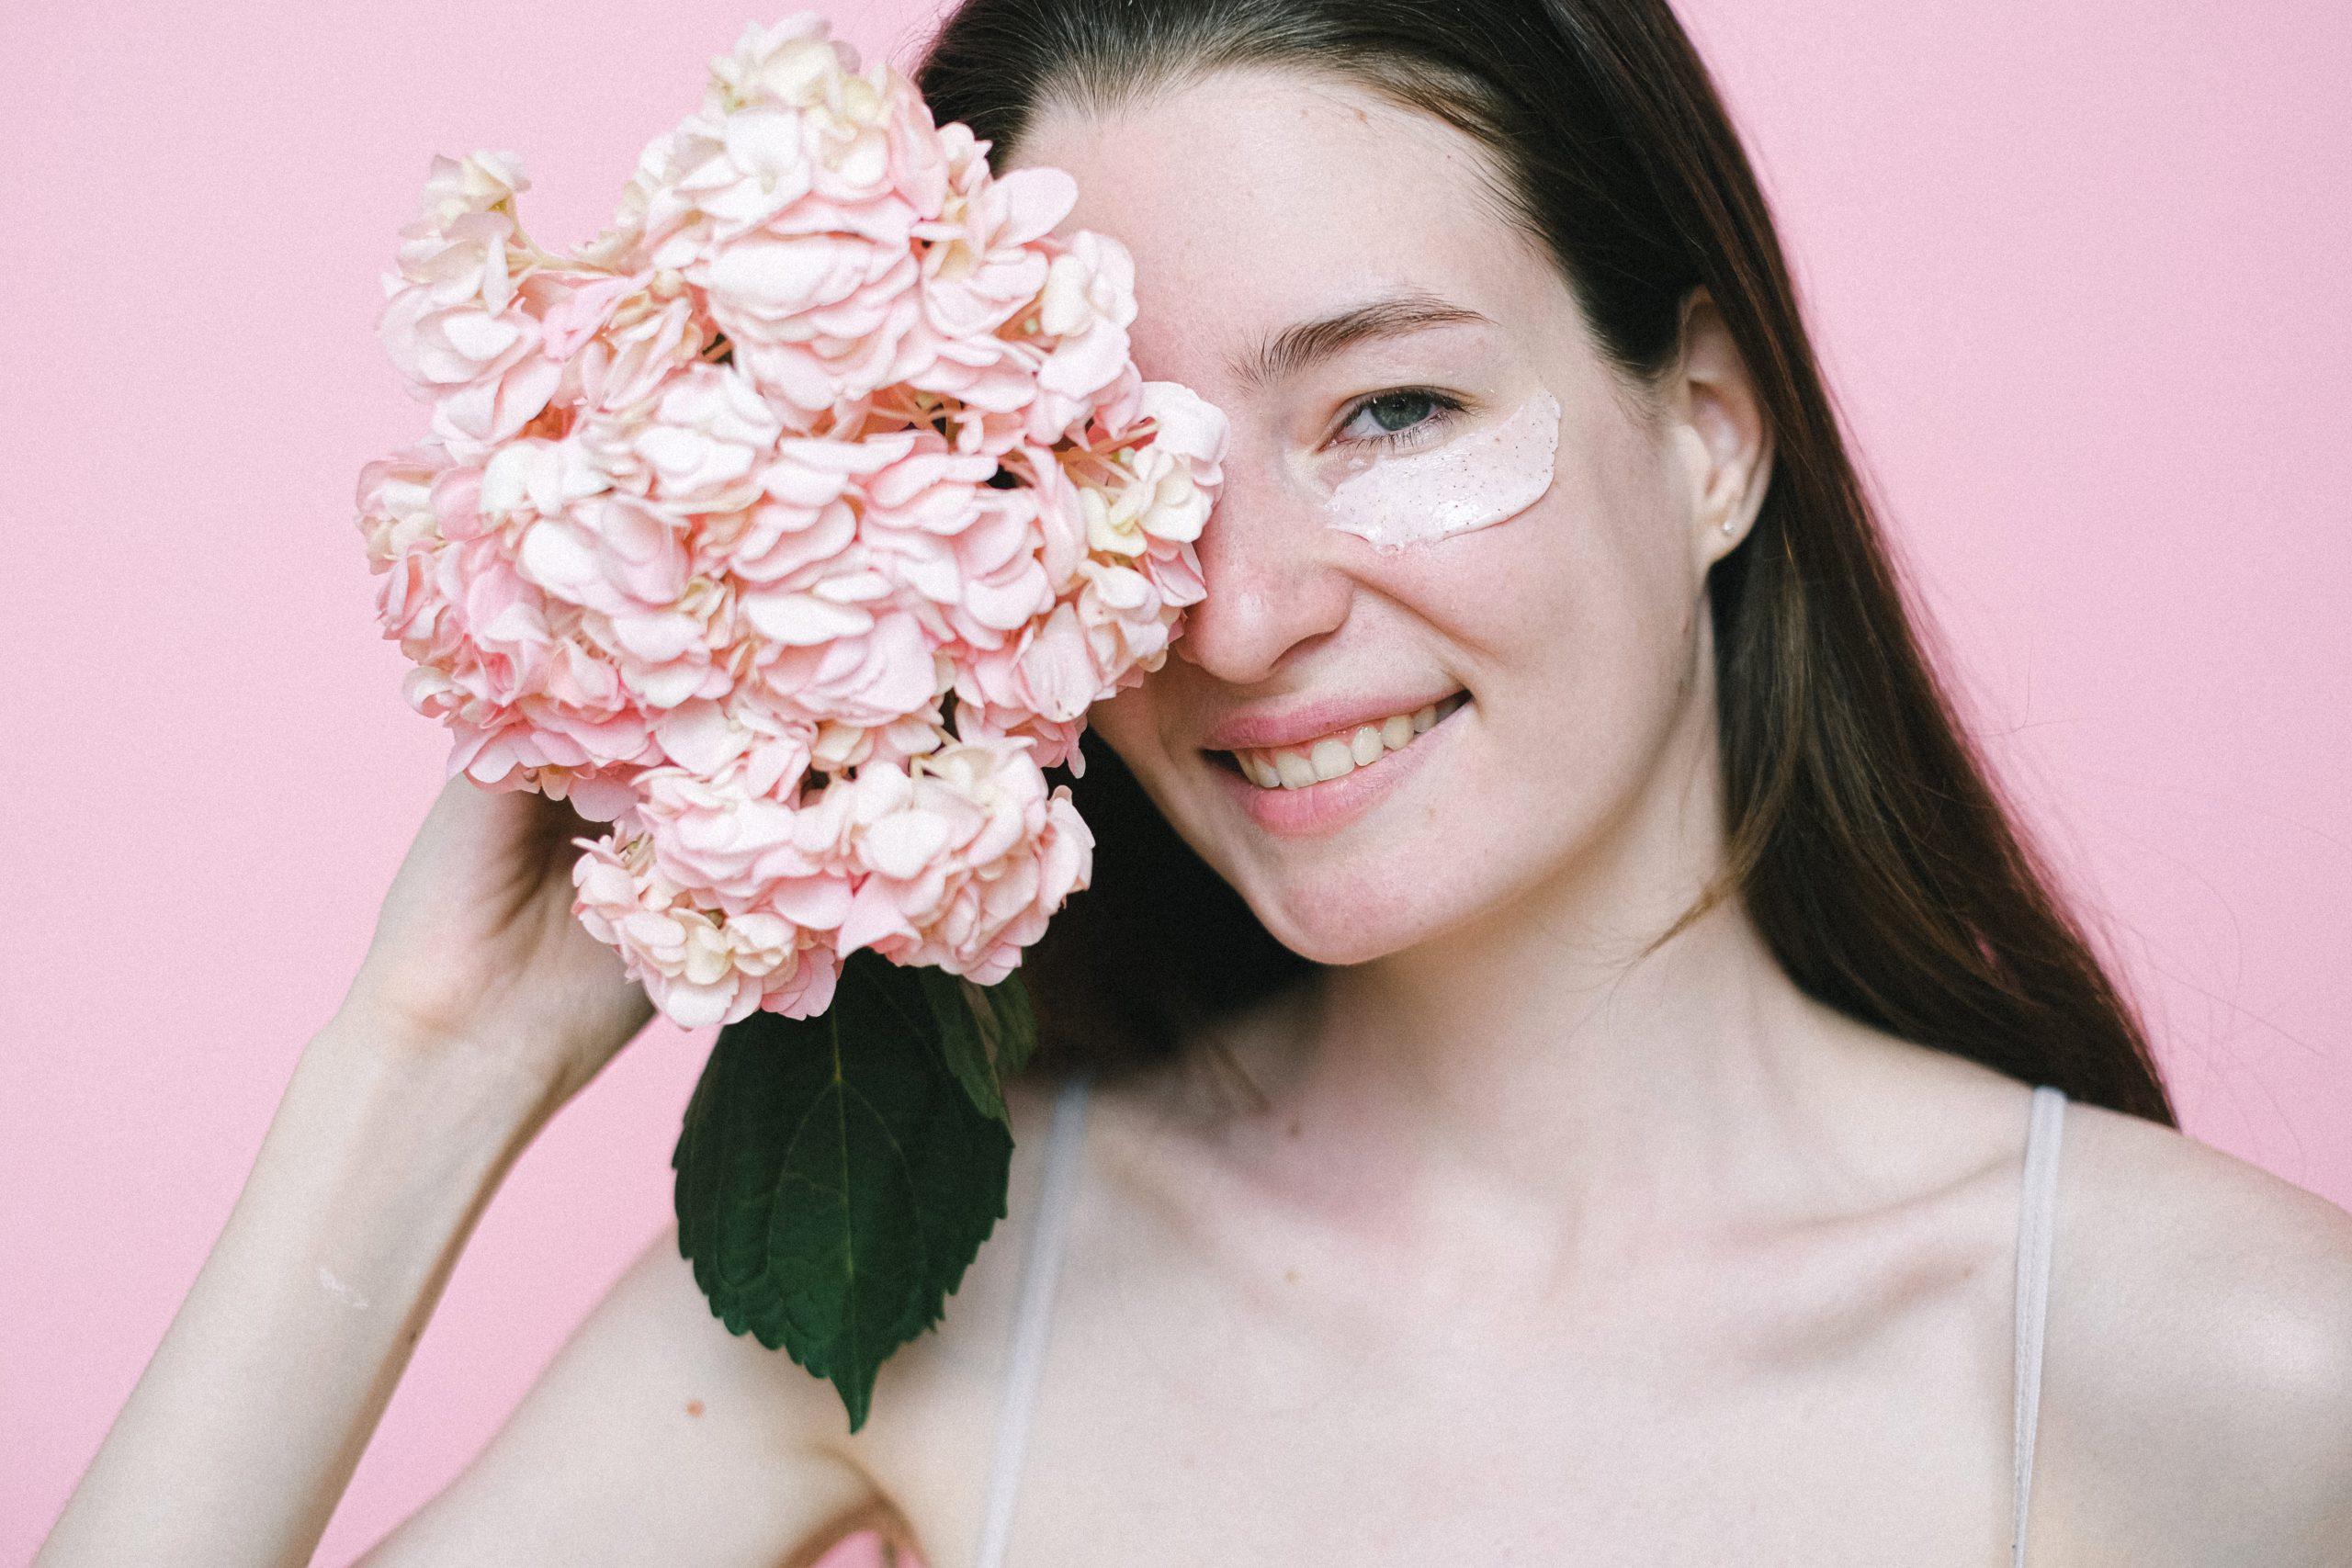 אישה מחזיקה זר פרחים ורוד ויש לה קרם מתחת לעיניים